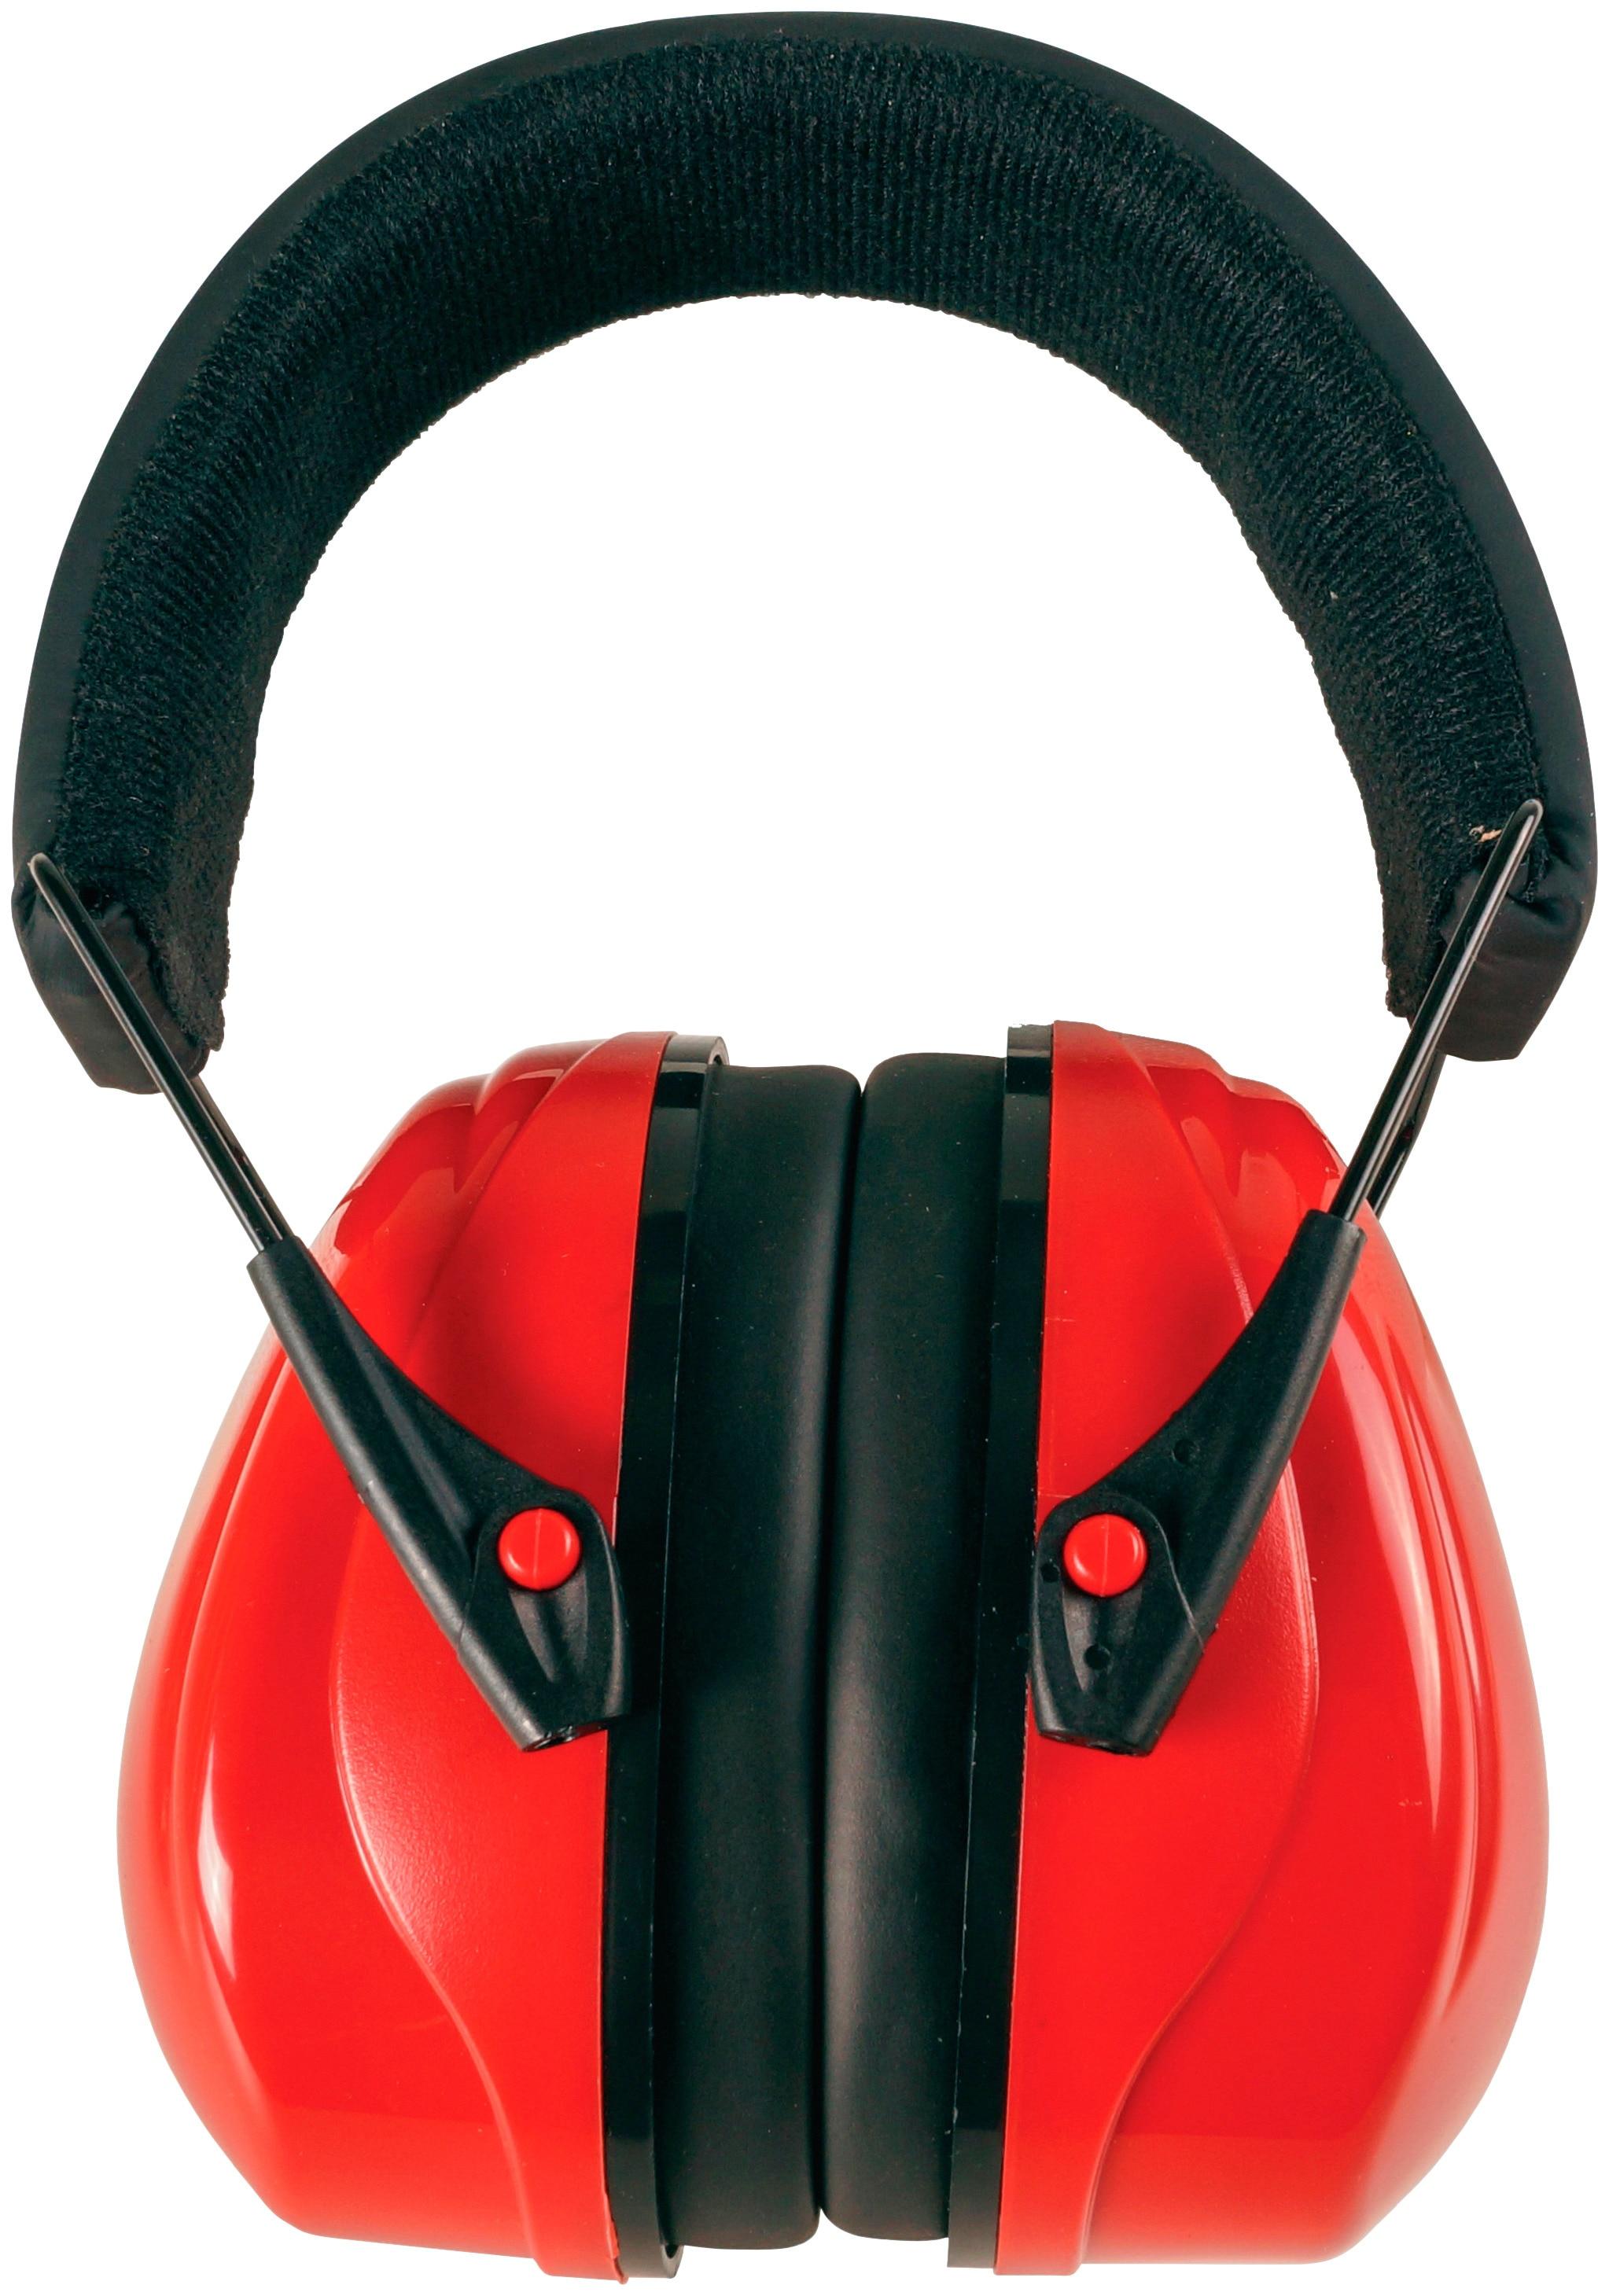 Connex Kapselgehörschutz Profi-Kapselgehörschutz COXT938706, faltbar rot Gehörschutz Arbeitssicherheit Arbeits- Berufsbekleidung